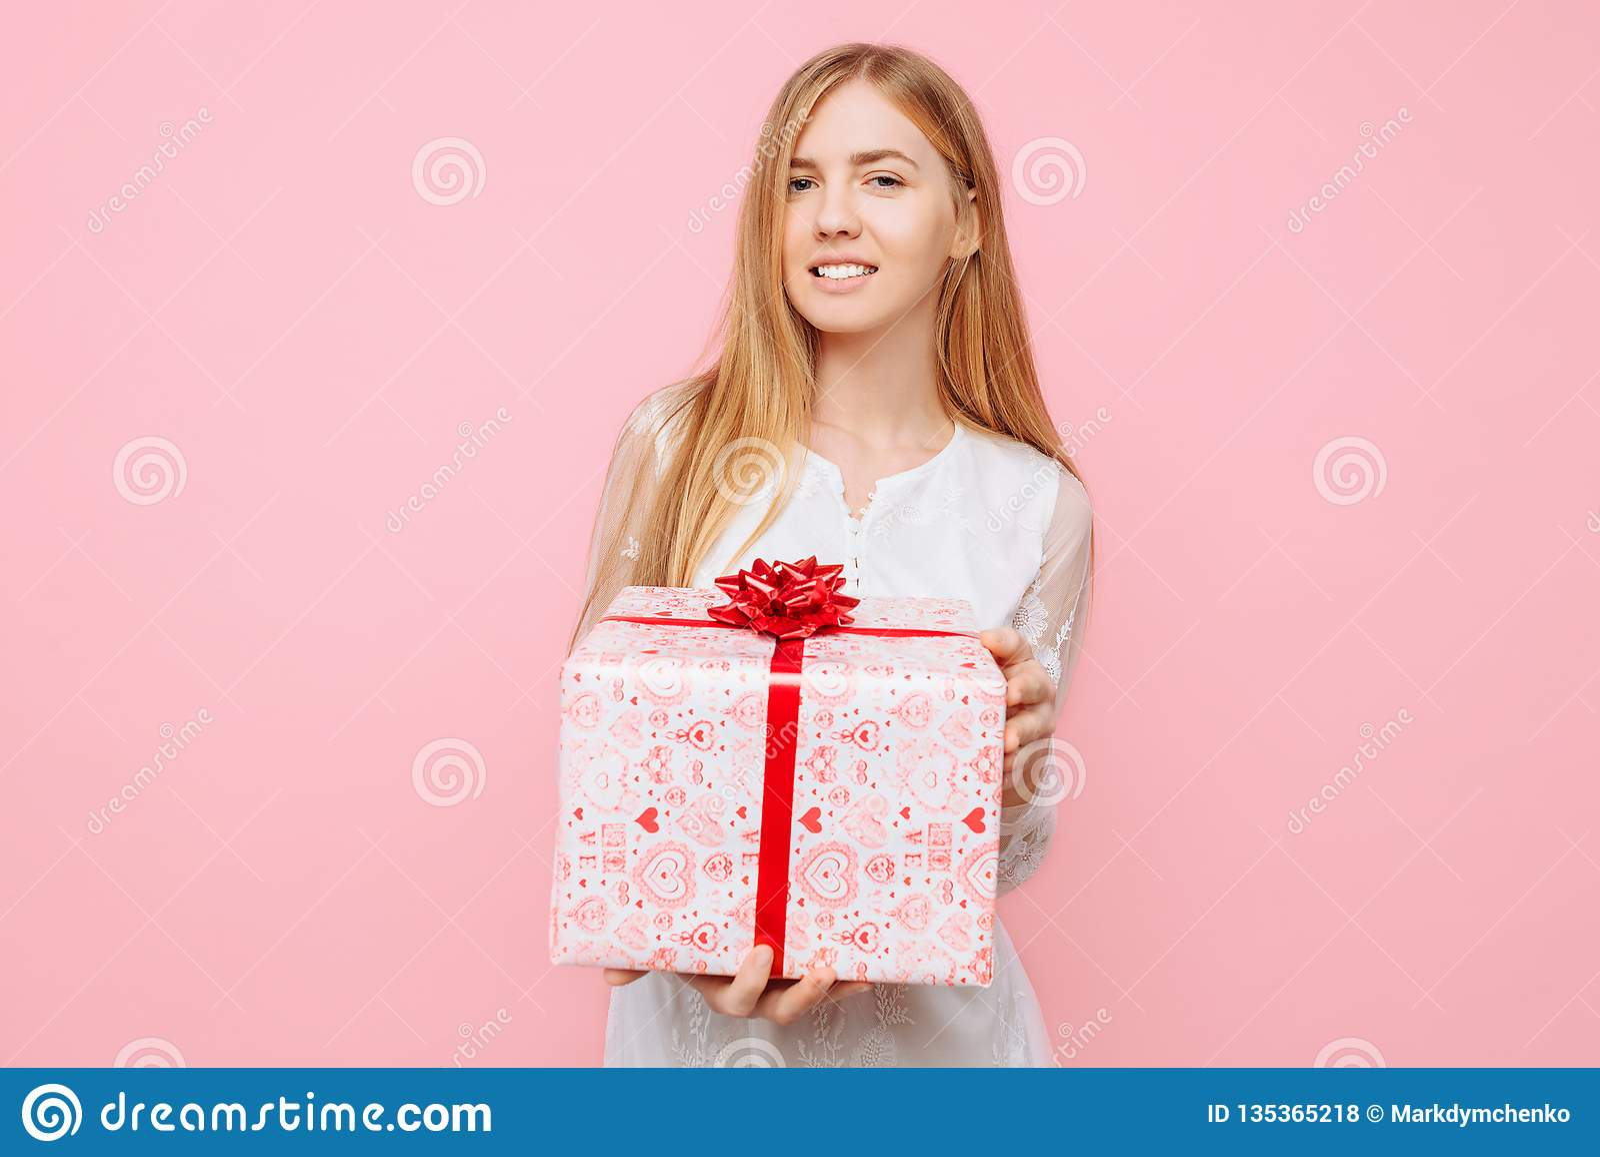 Ευτυχές νέο κορίτσι, σε ένα άσπρο φόρεμα, με ένα κιβώτιο δώρων υπό εξέταση, στο δέο του δώρου, σε ένα ρόδινο υπόβαθρο